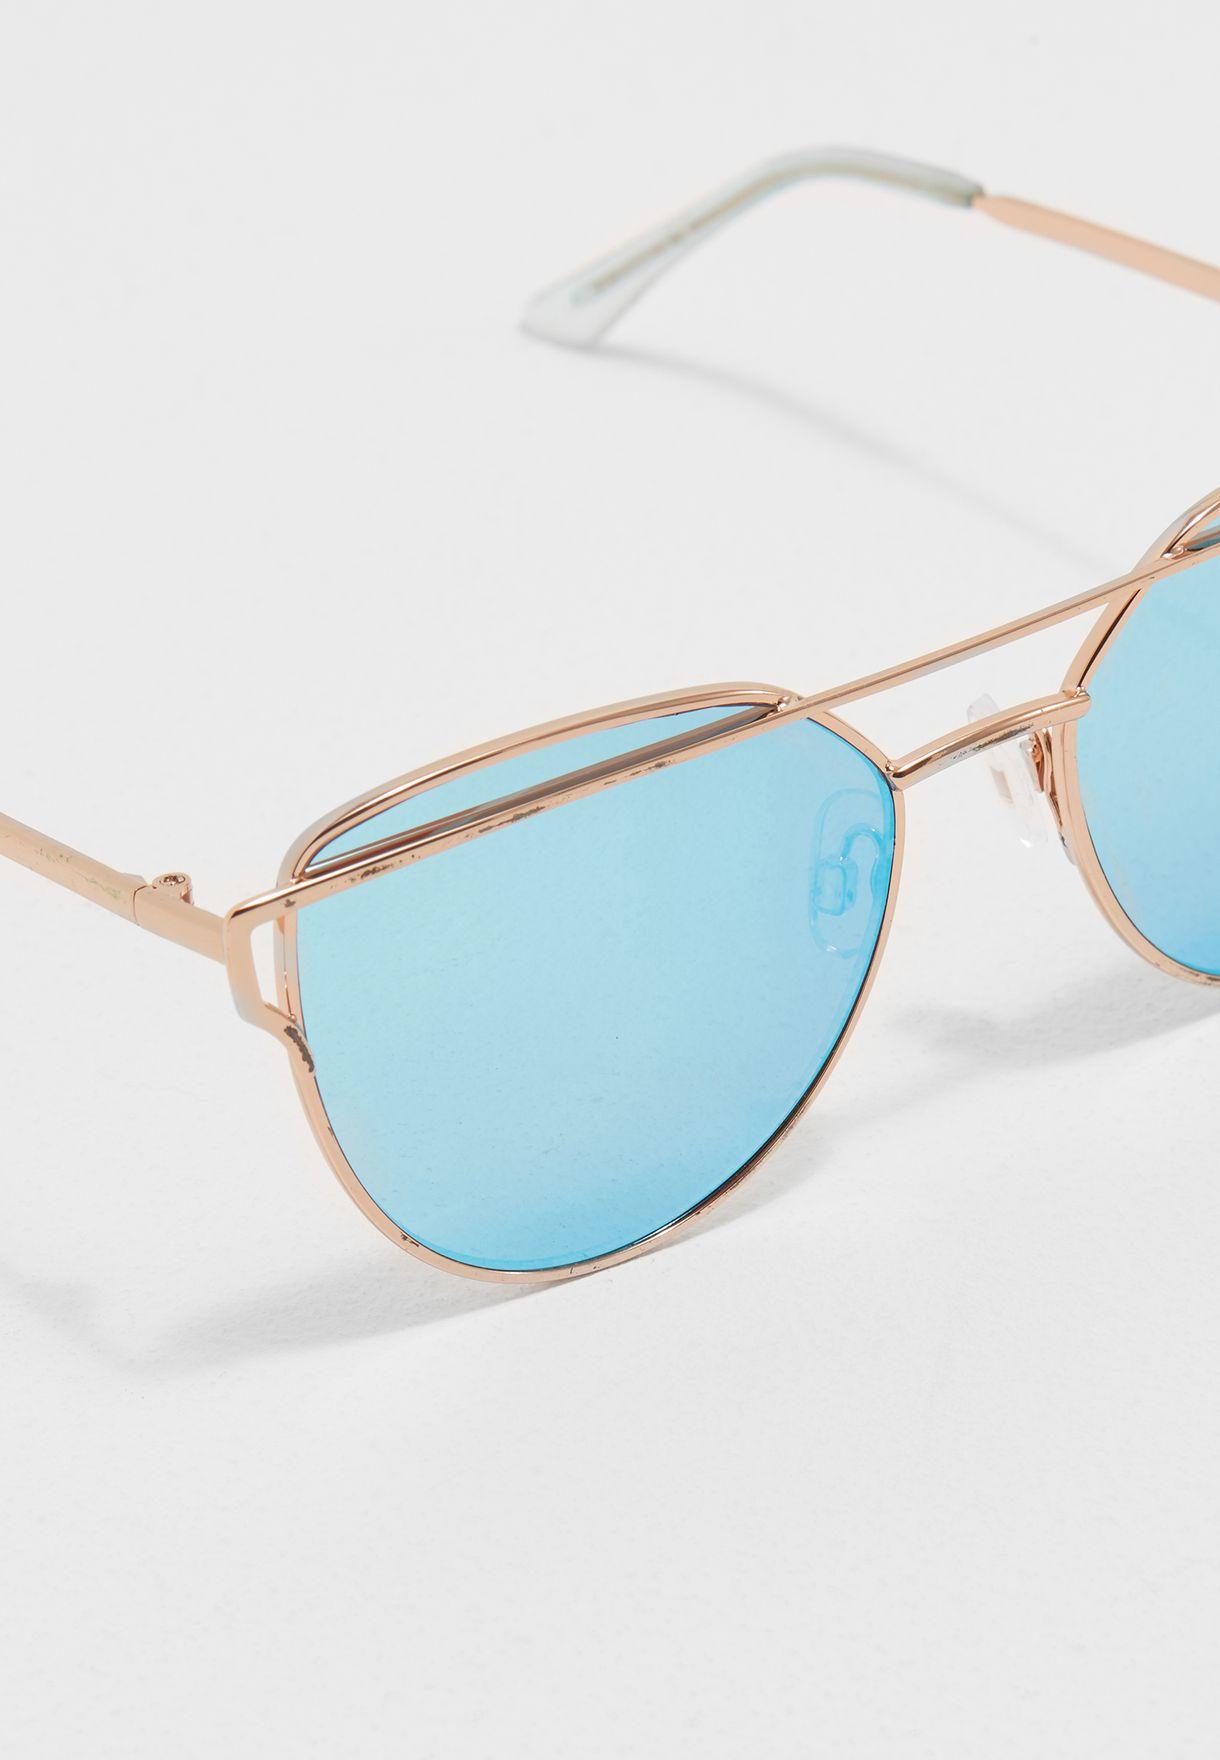 053b4d5cfc68 Shop Aldo gold Qilalla Sunglasses QILALLA2 for Women in Saudi ...